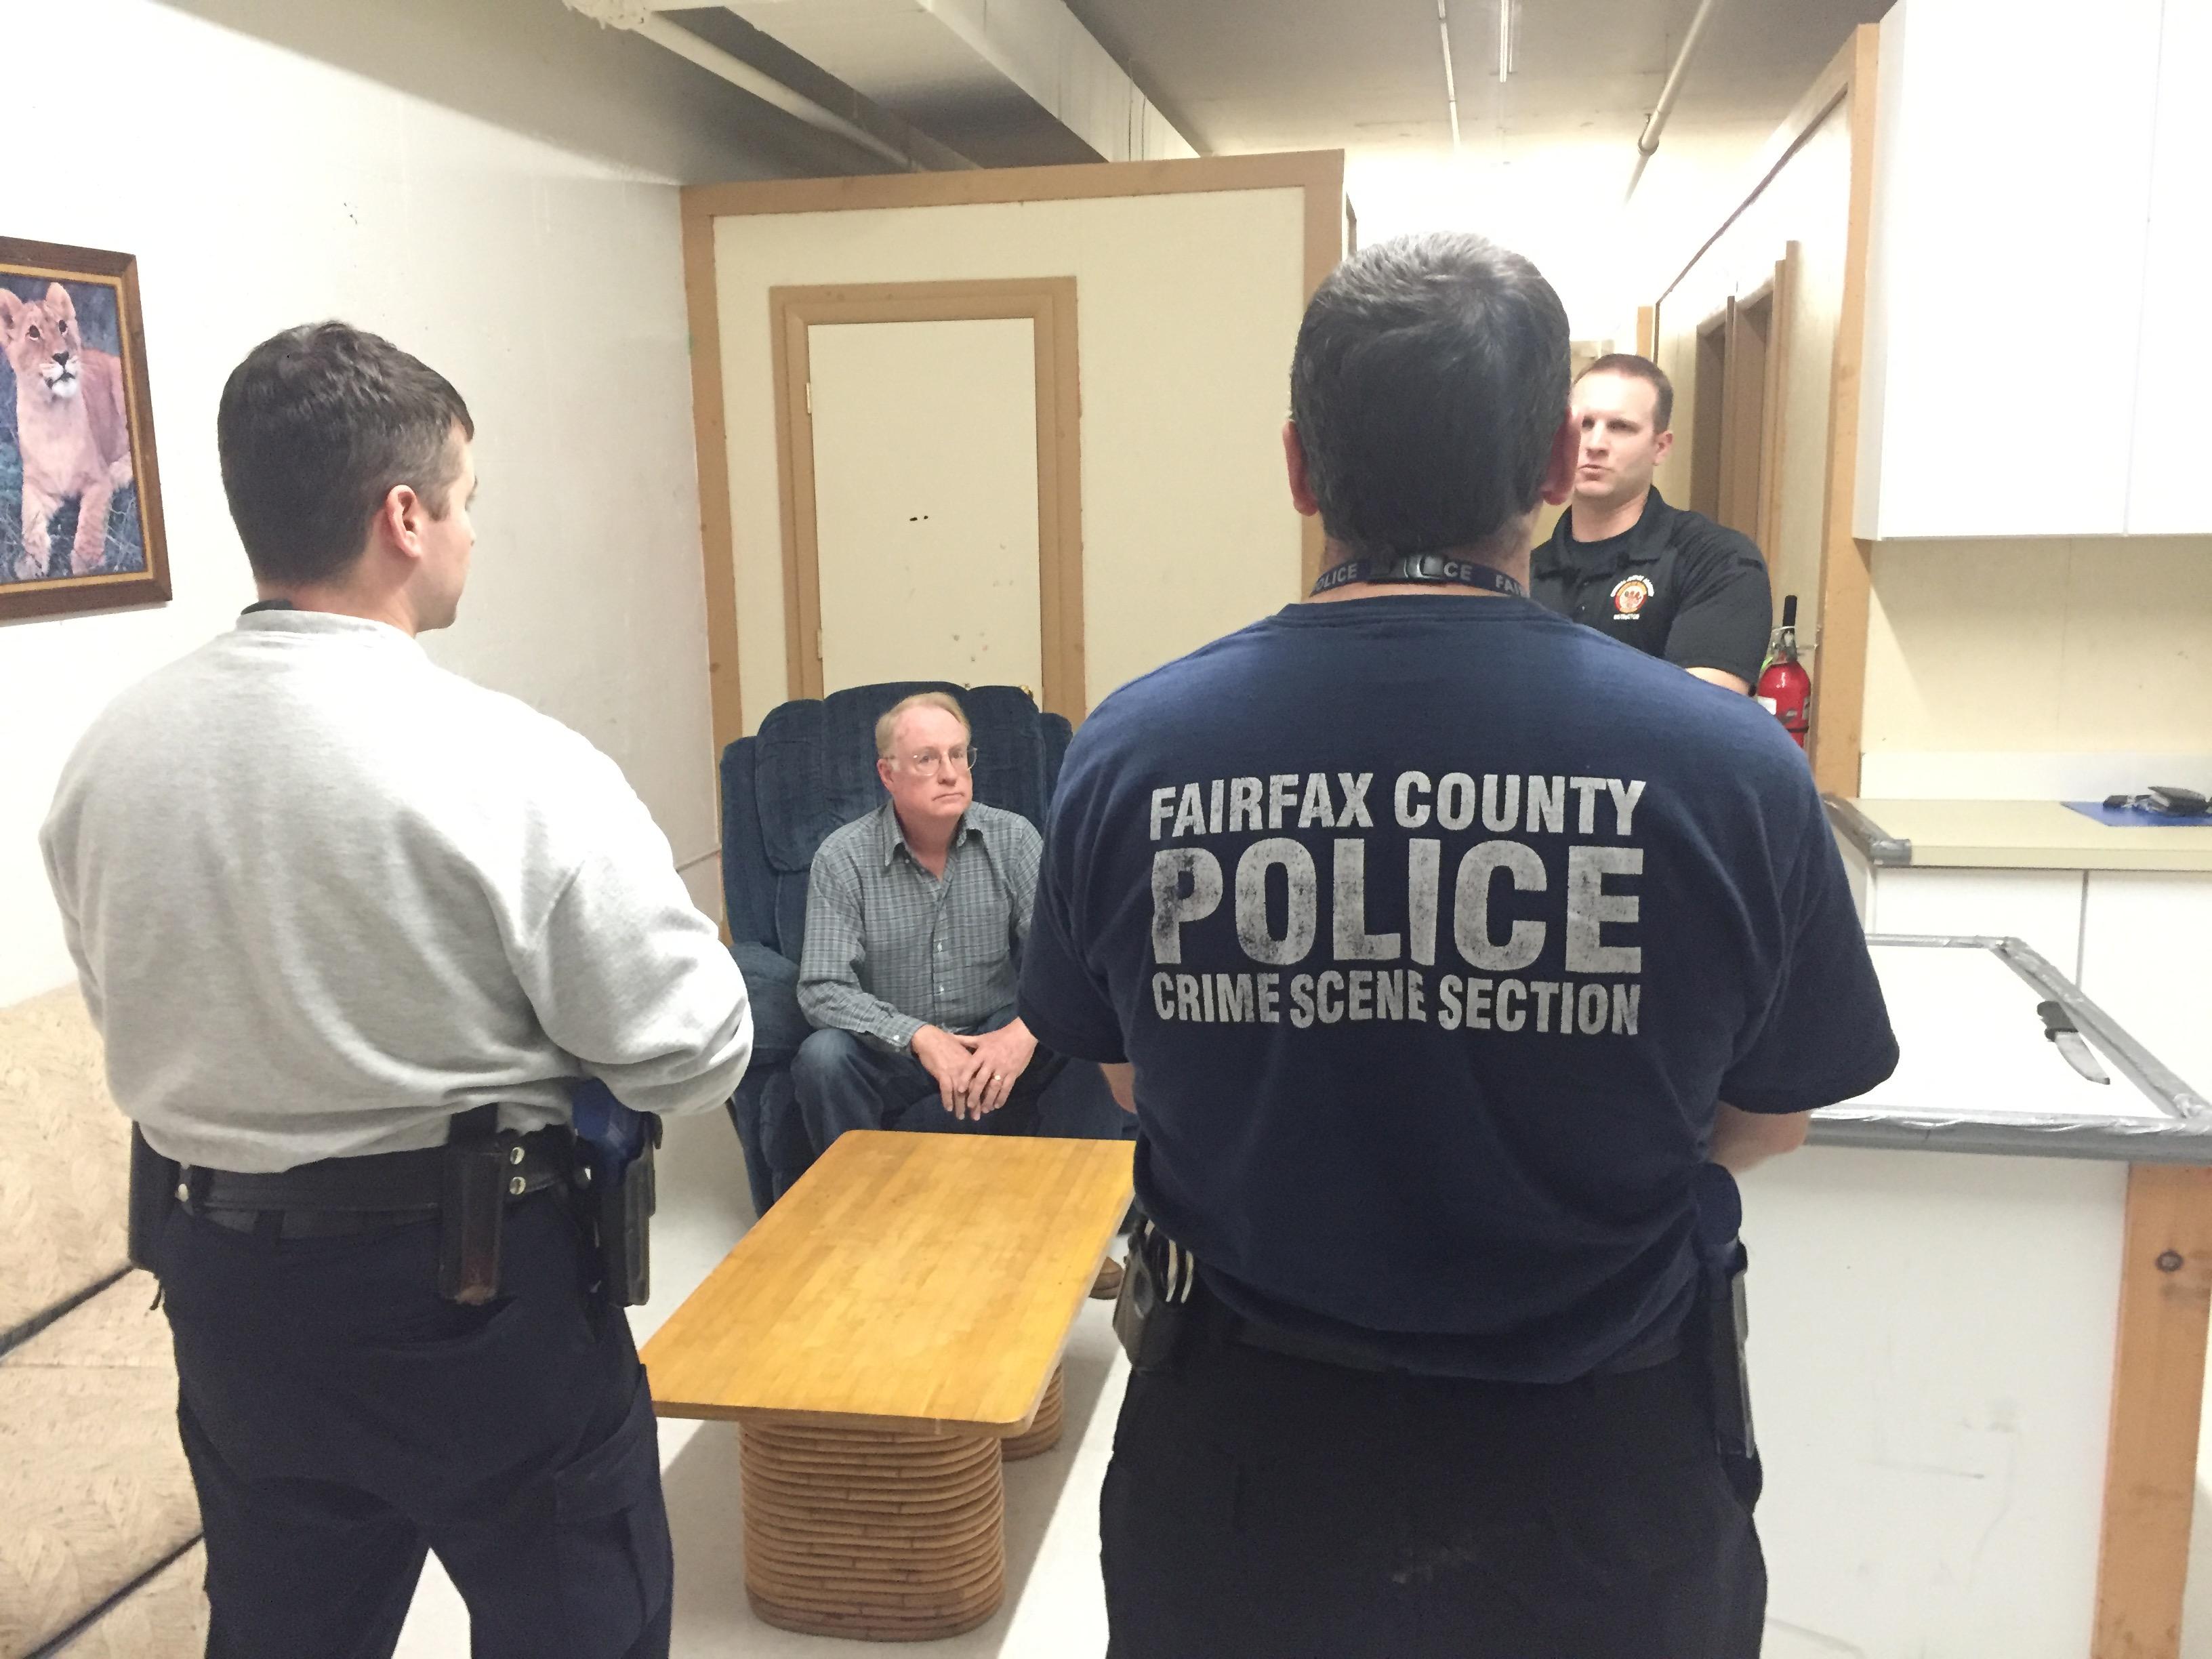 After John Geer death, Fairfax Co. police go through high-tech training